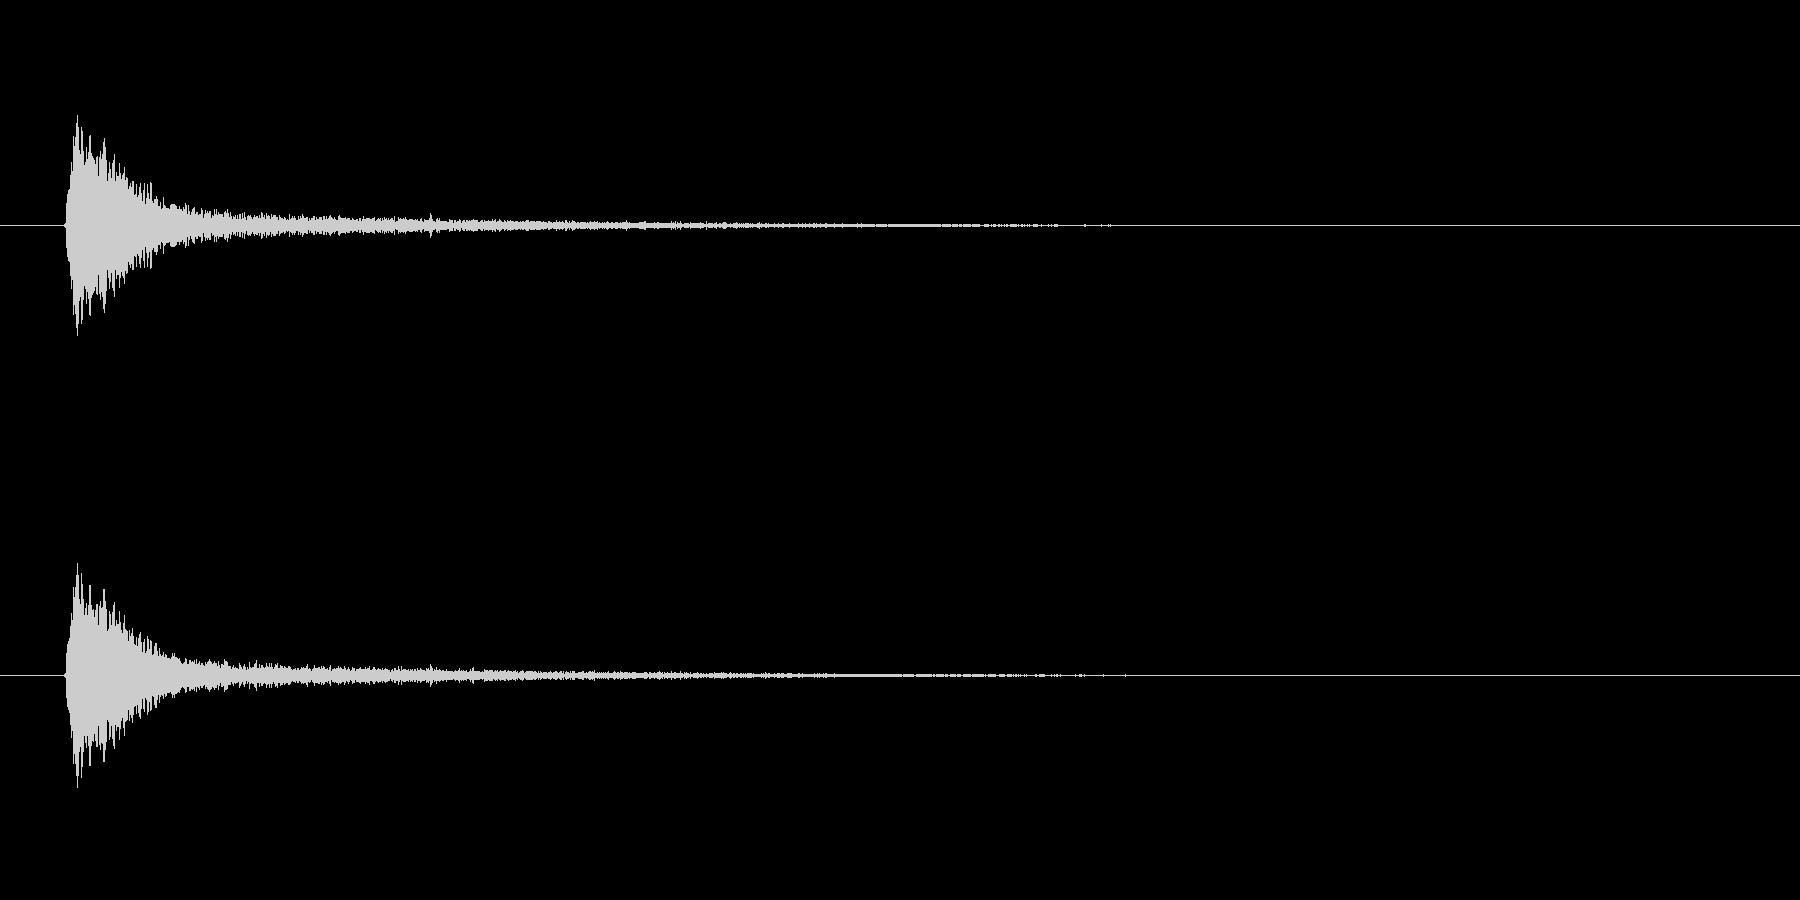 【風船 破裂01-3】の未再生の波形